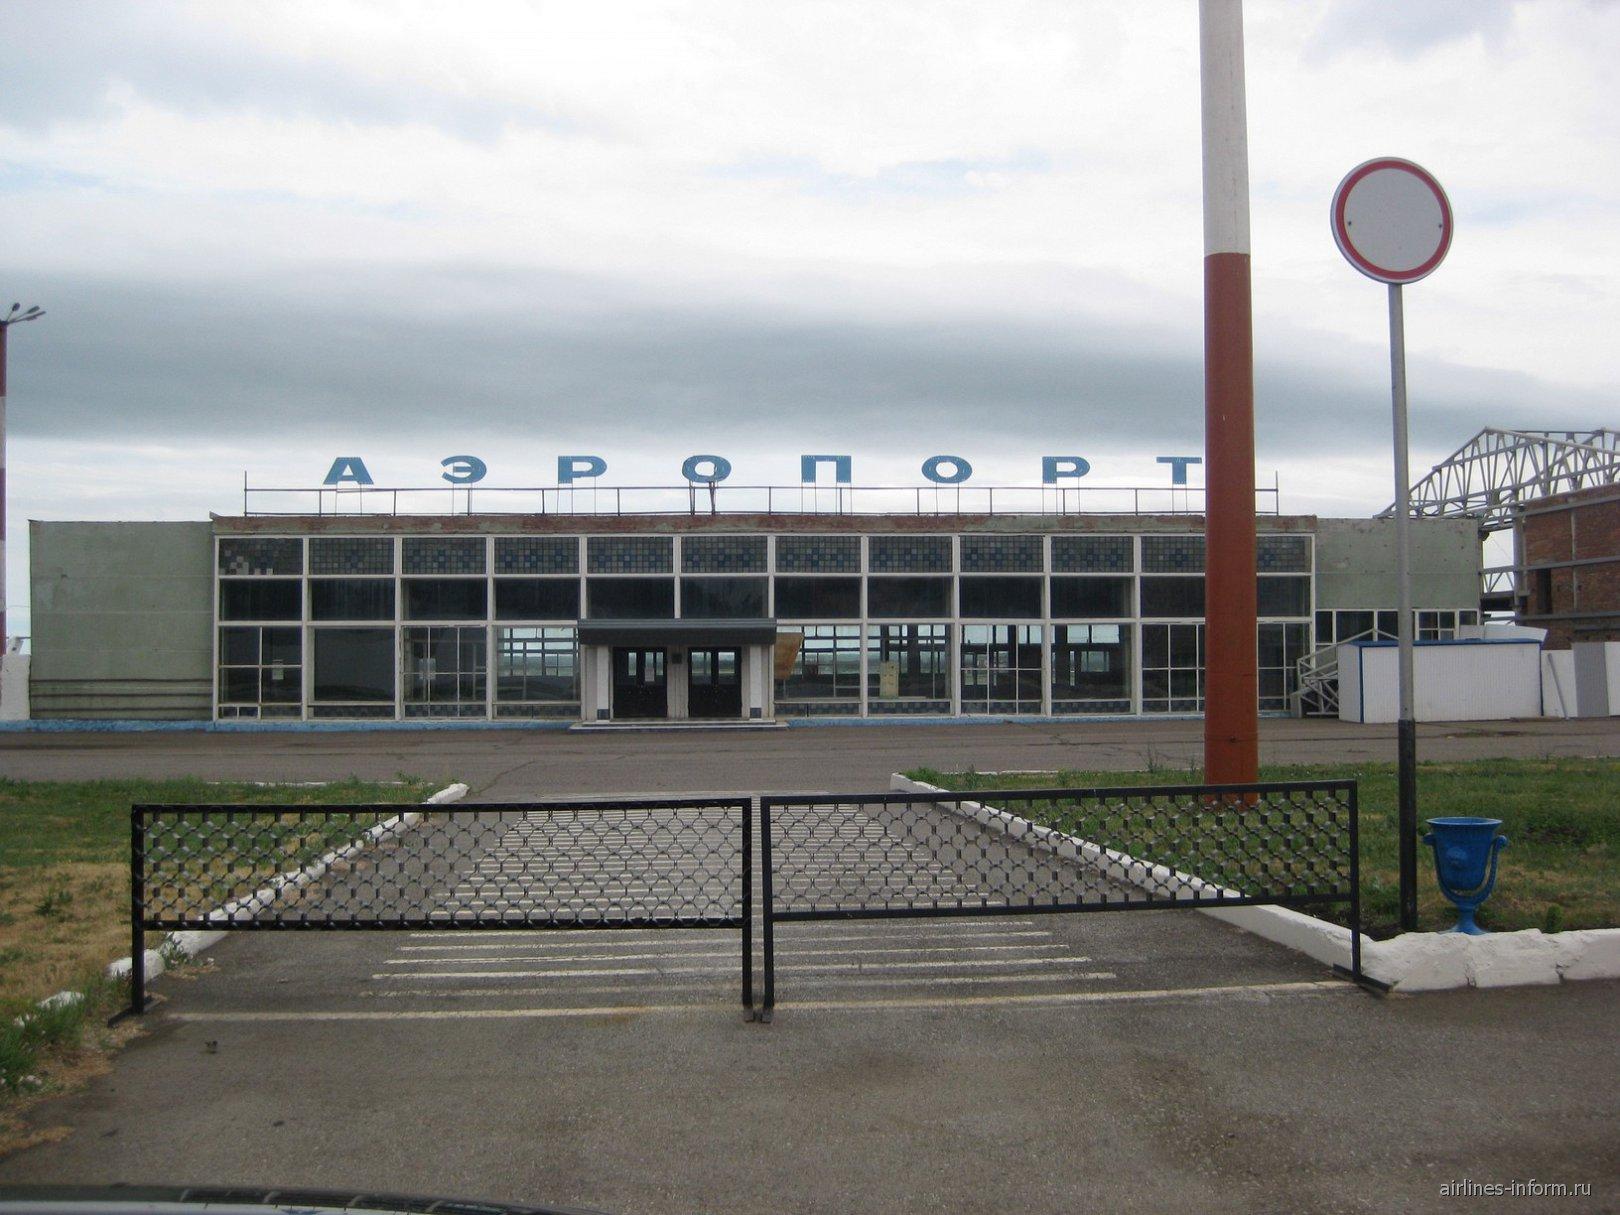 Аэропорт Бугульма - старый аэровокзал